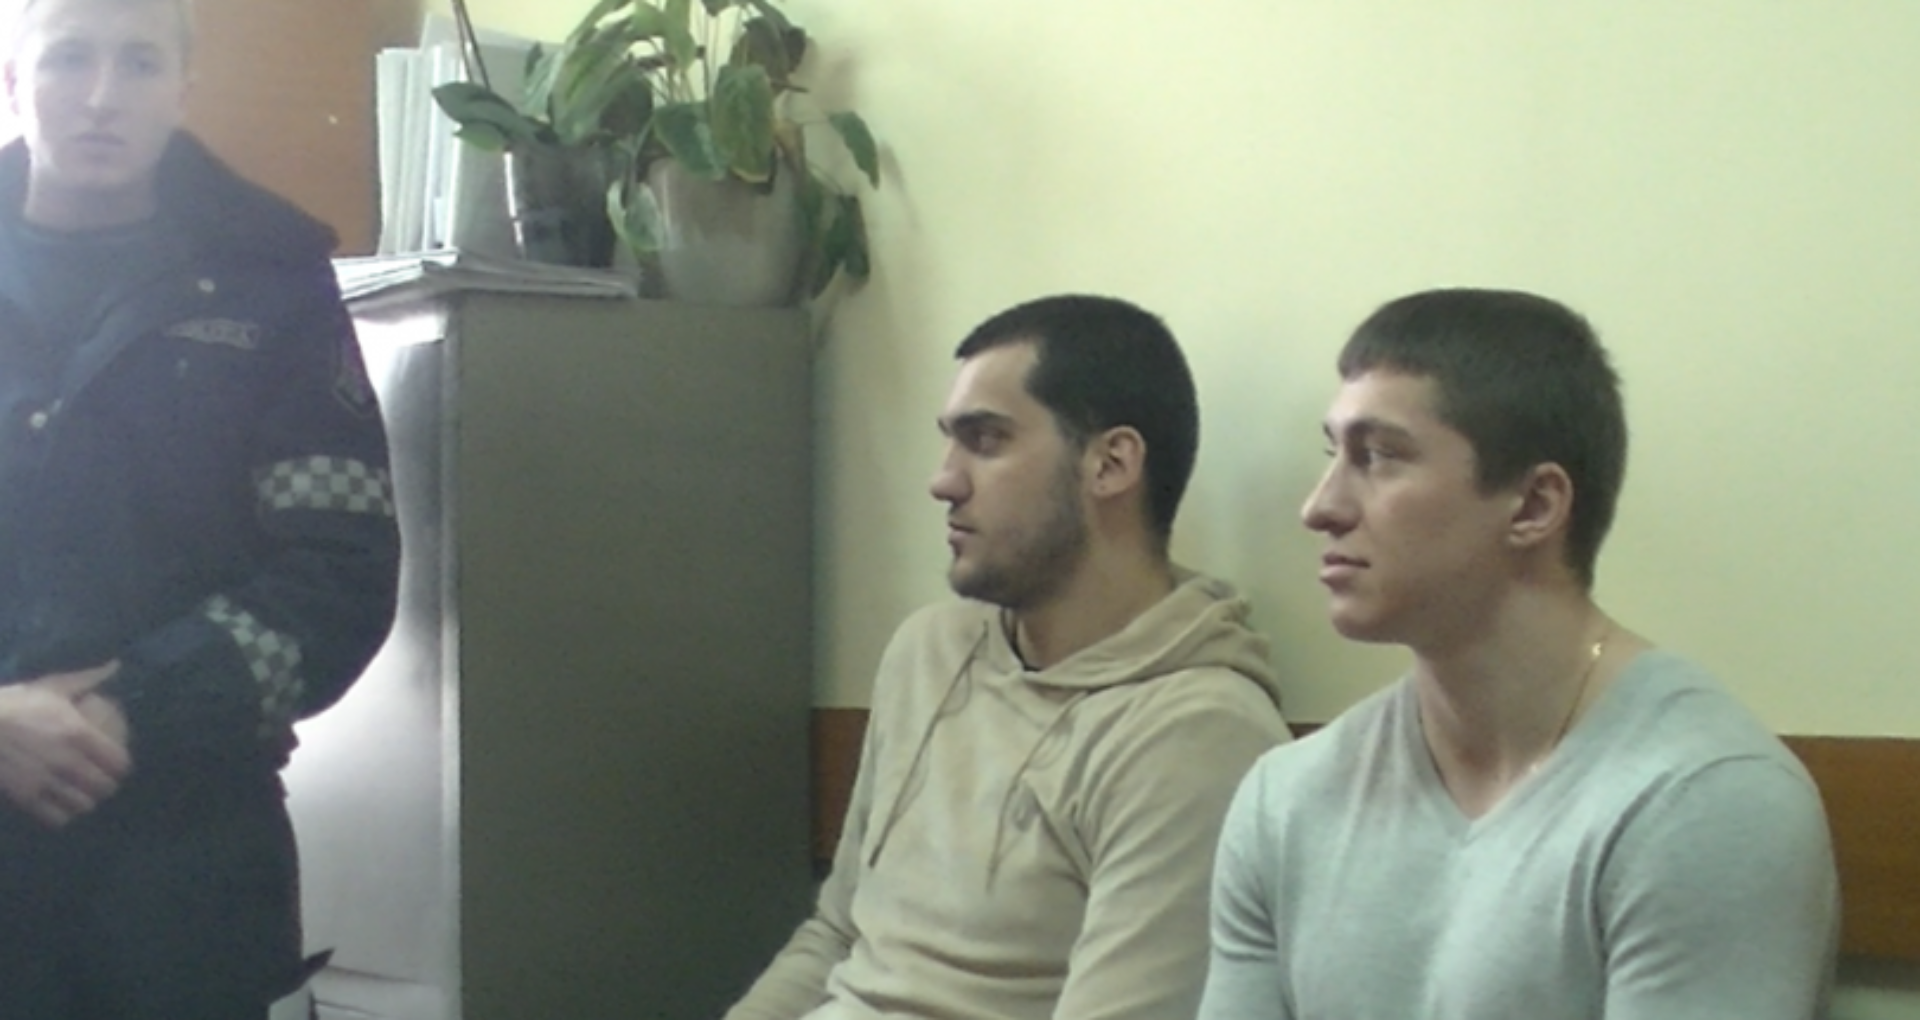 ULTIMA ORĂ! Crima de la Atrium: Magistrații i-au achitat pe cei doi luptători K1, acuzați de omorul unui tânăr